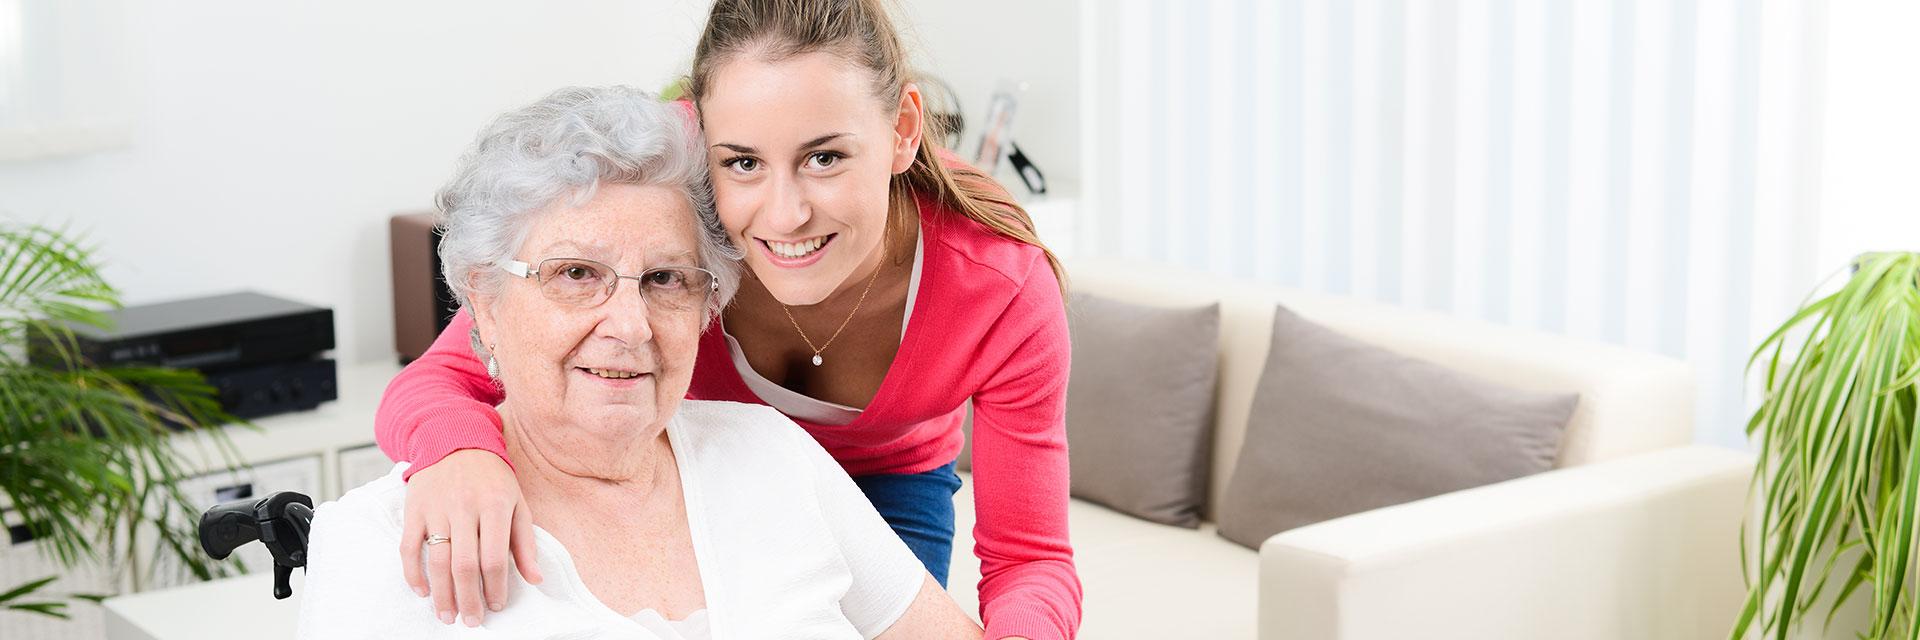 Pflegerin des ambulanten Pflegedienstes umarmt eine alte Dame